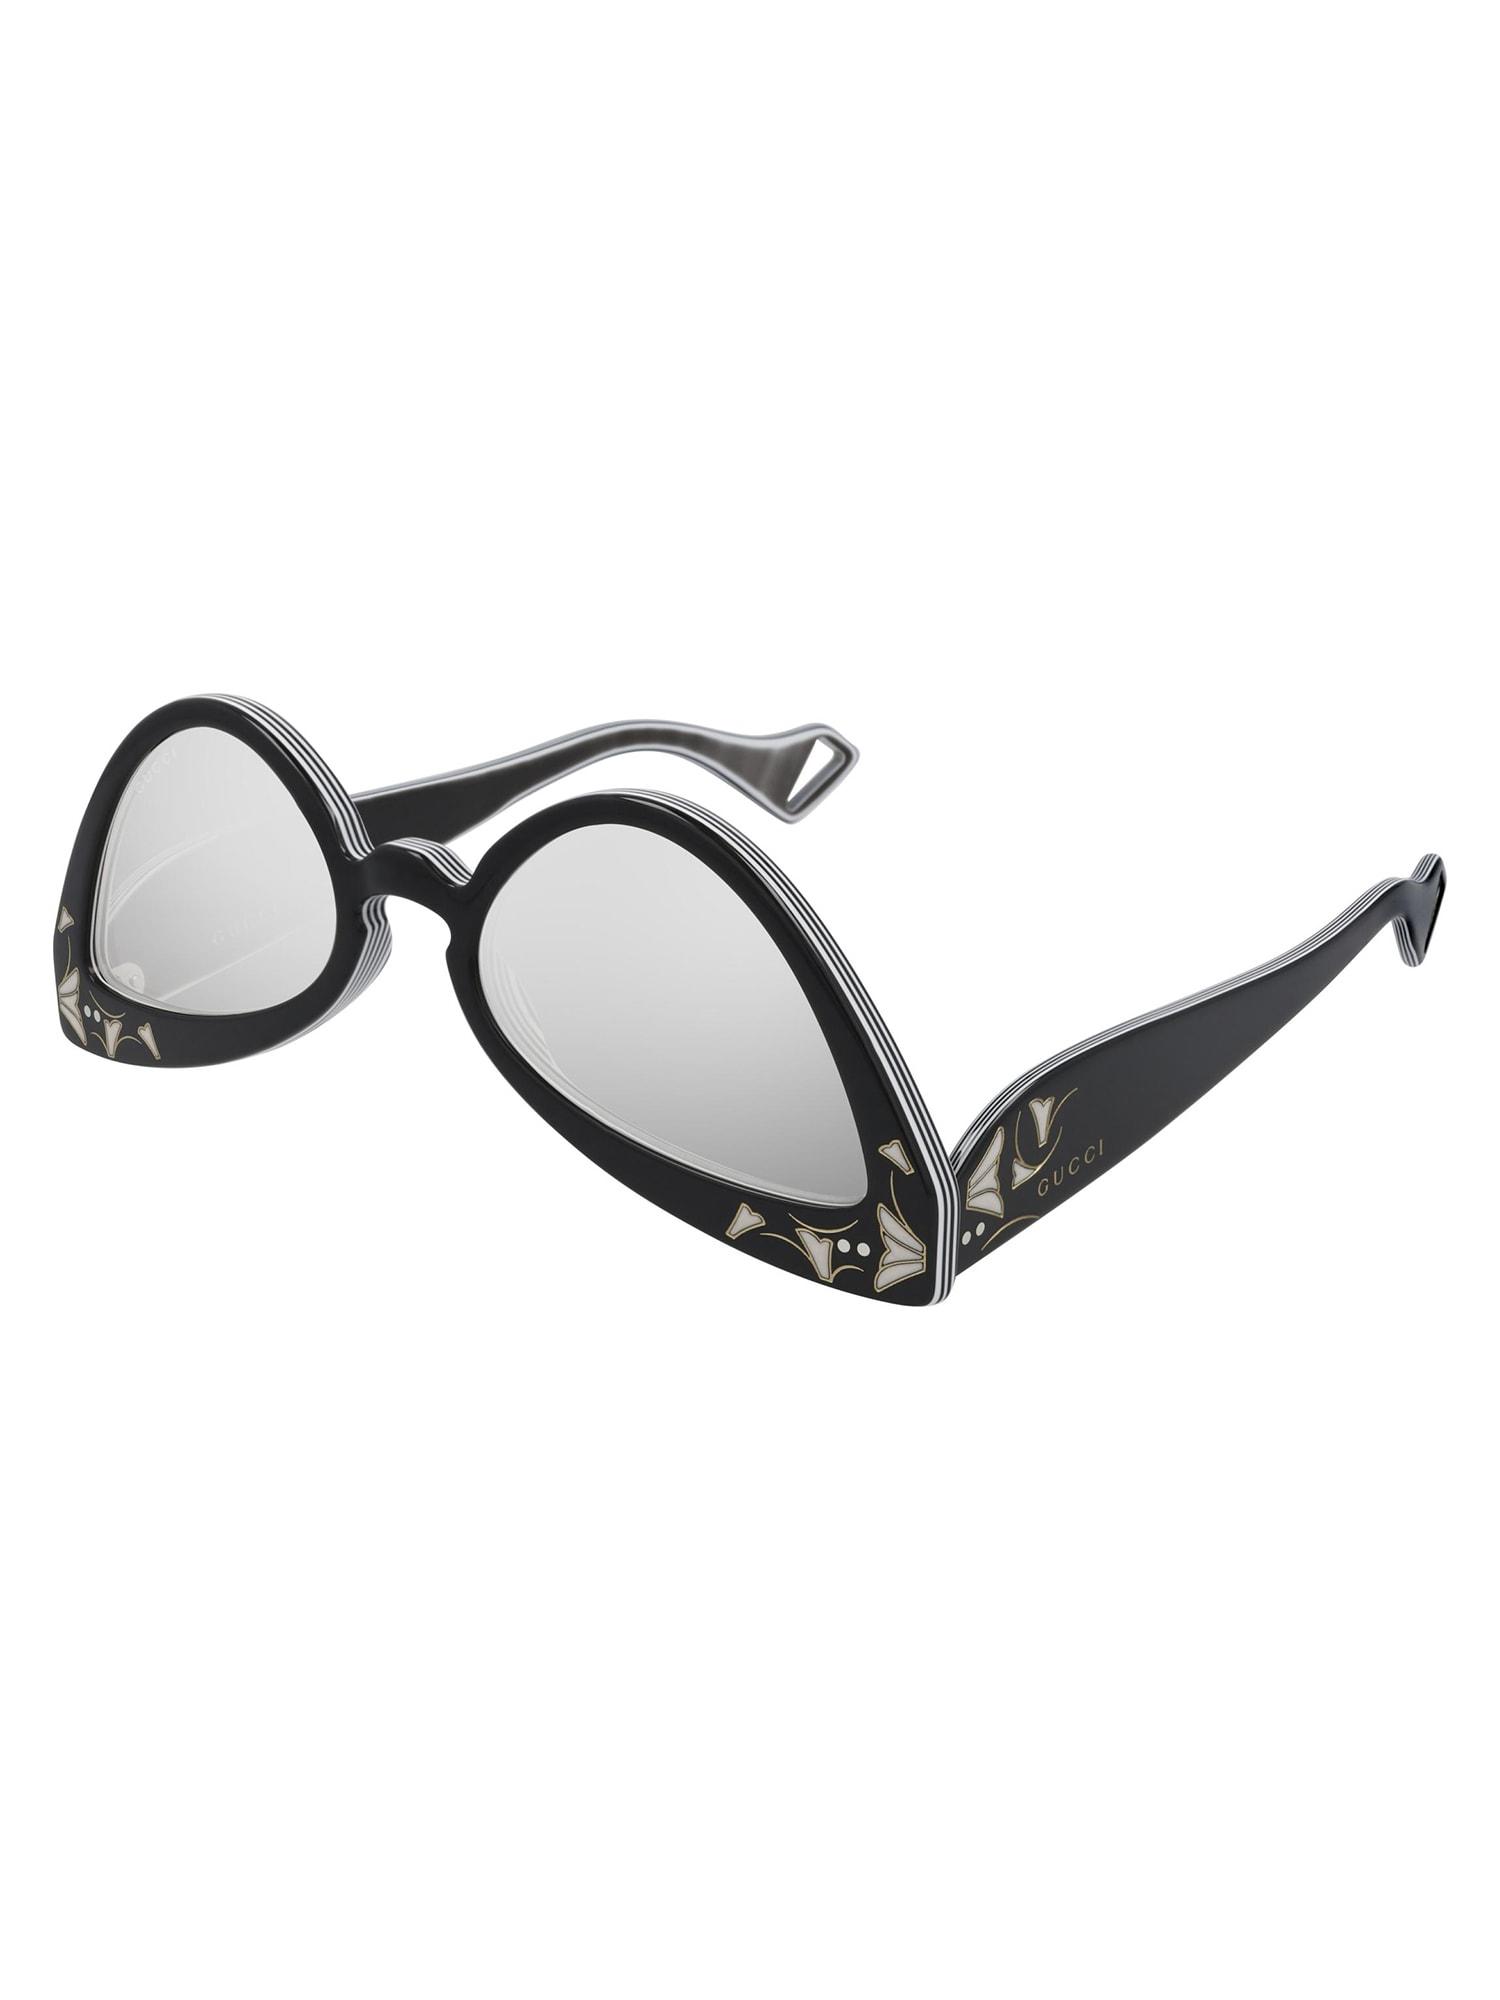 Gucci GG0874S Sunglasses